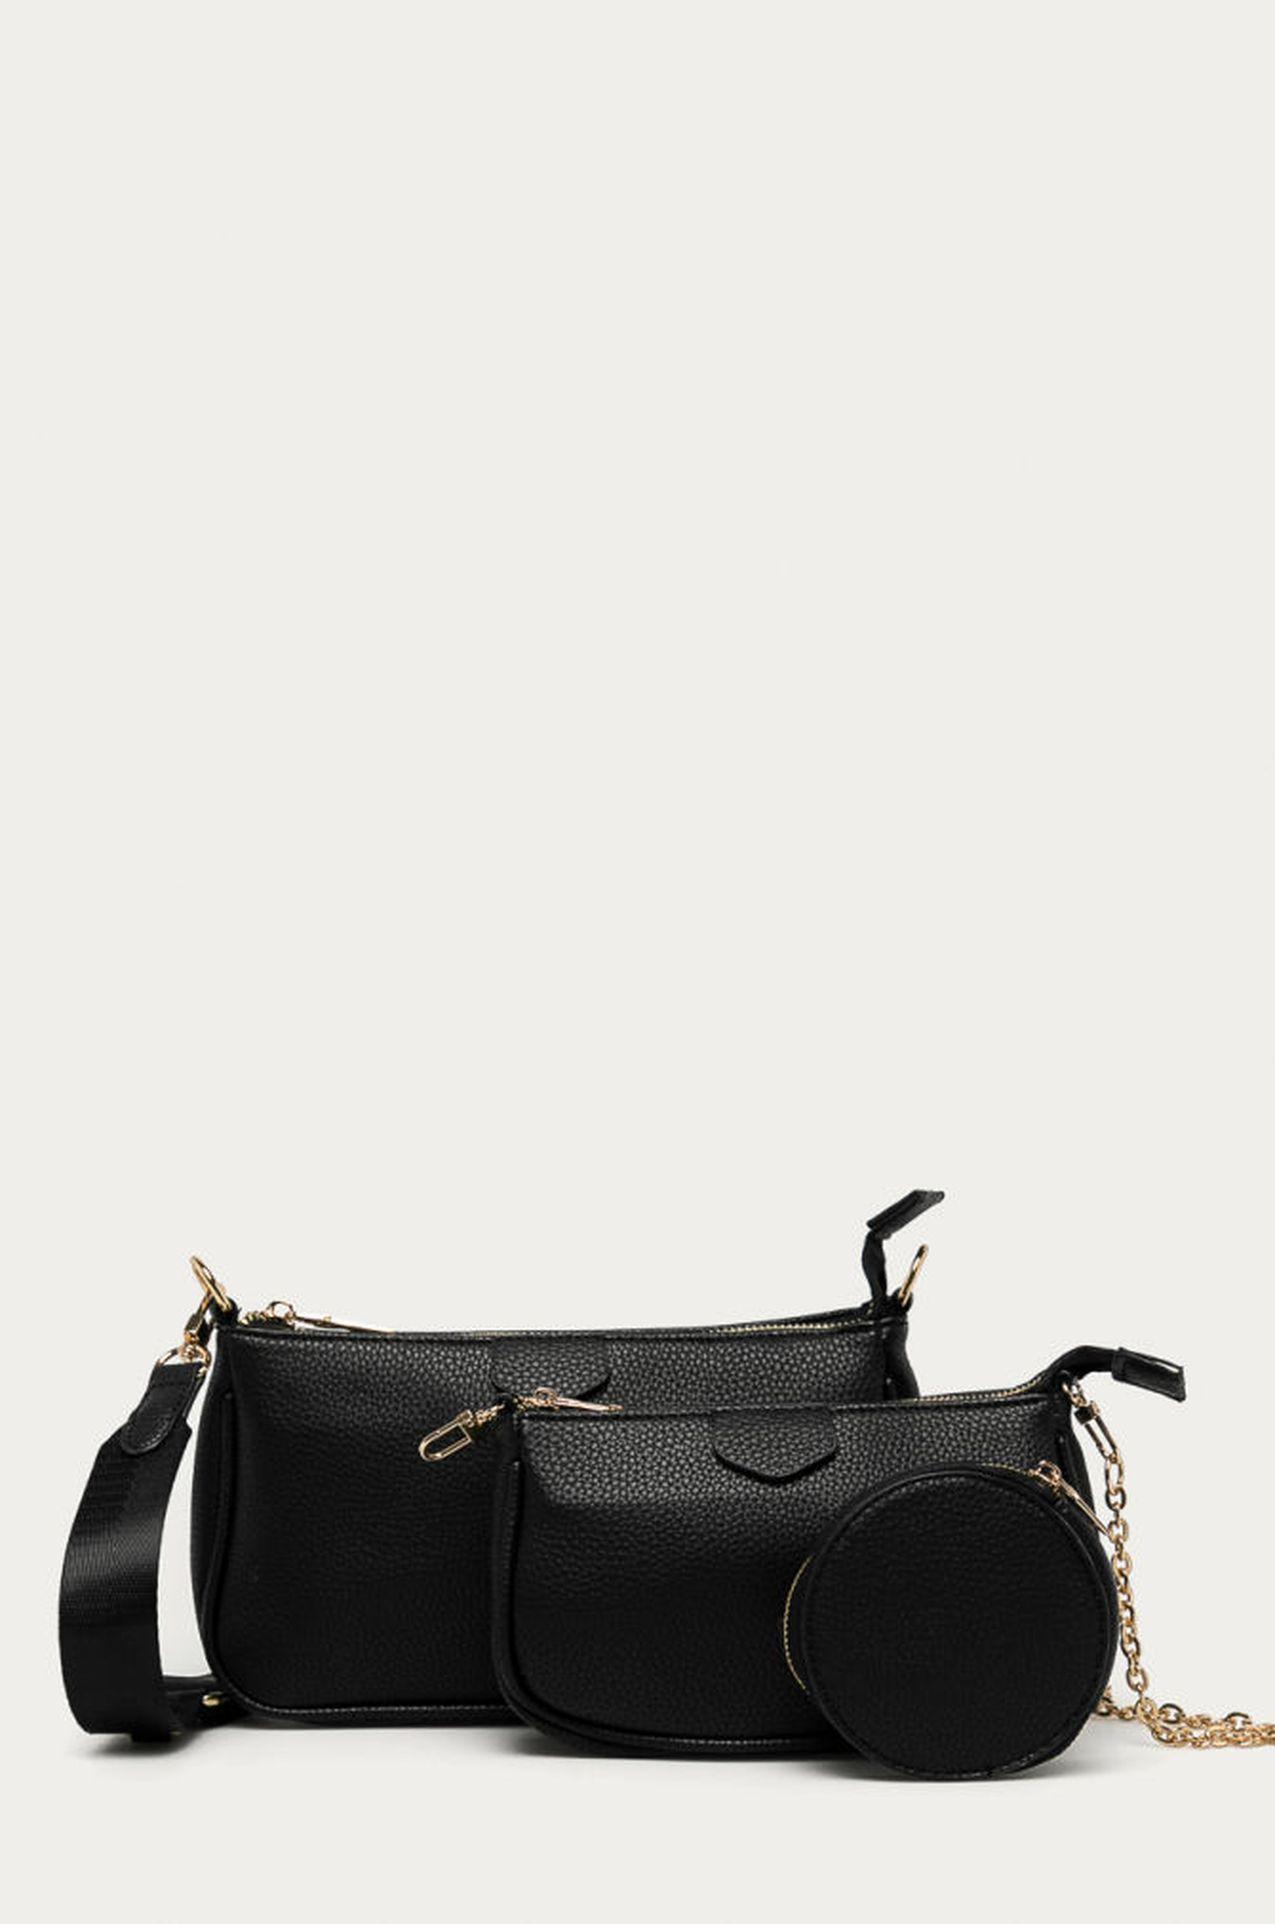 Małe torebki w czarnym kolorze